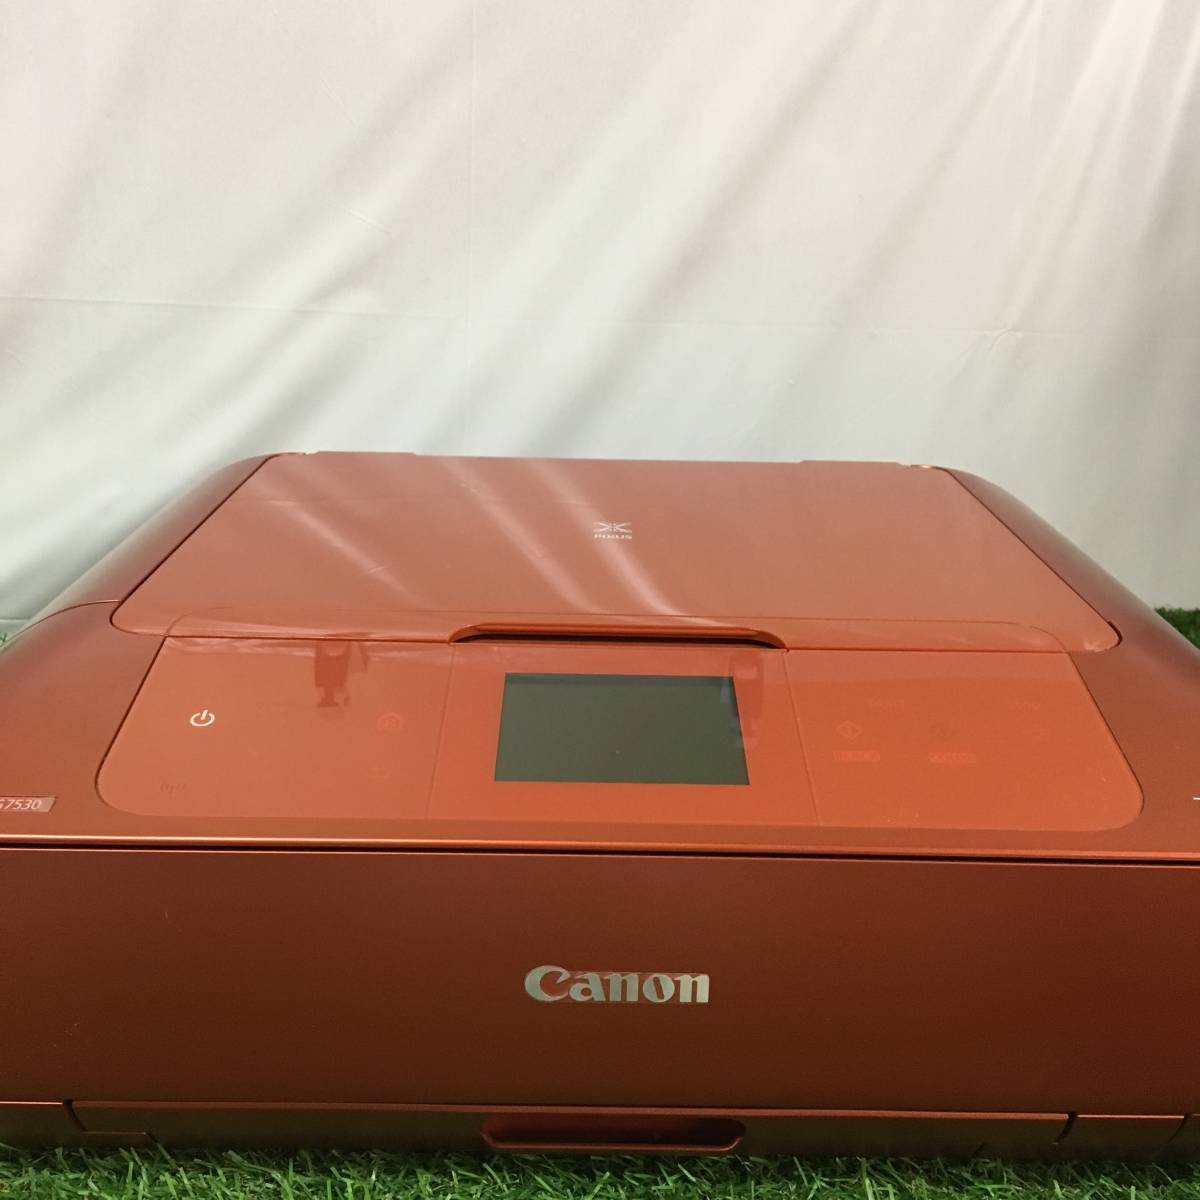 Canon キャノン PIXUS ピクサス インクジェット プリンタ MG7530 オレンジ テスト用紙付 動作確認済